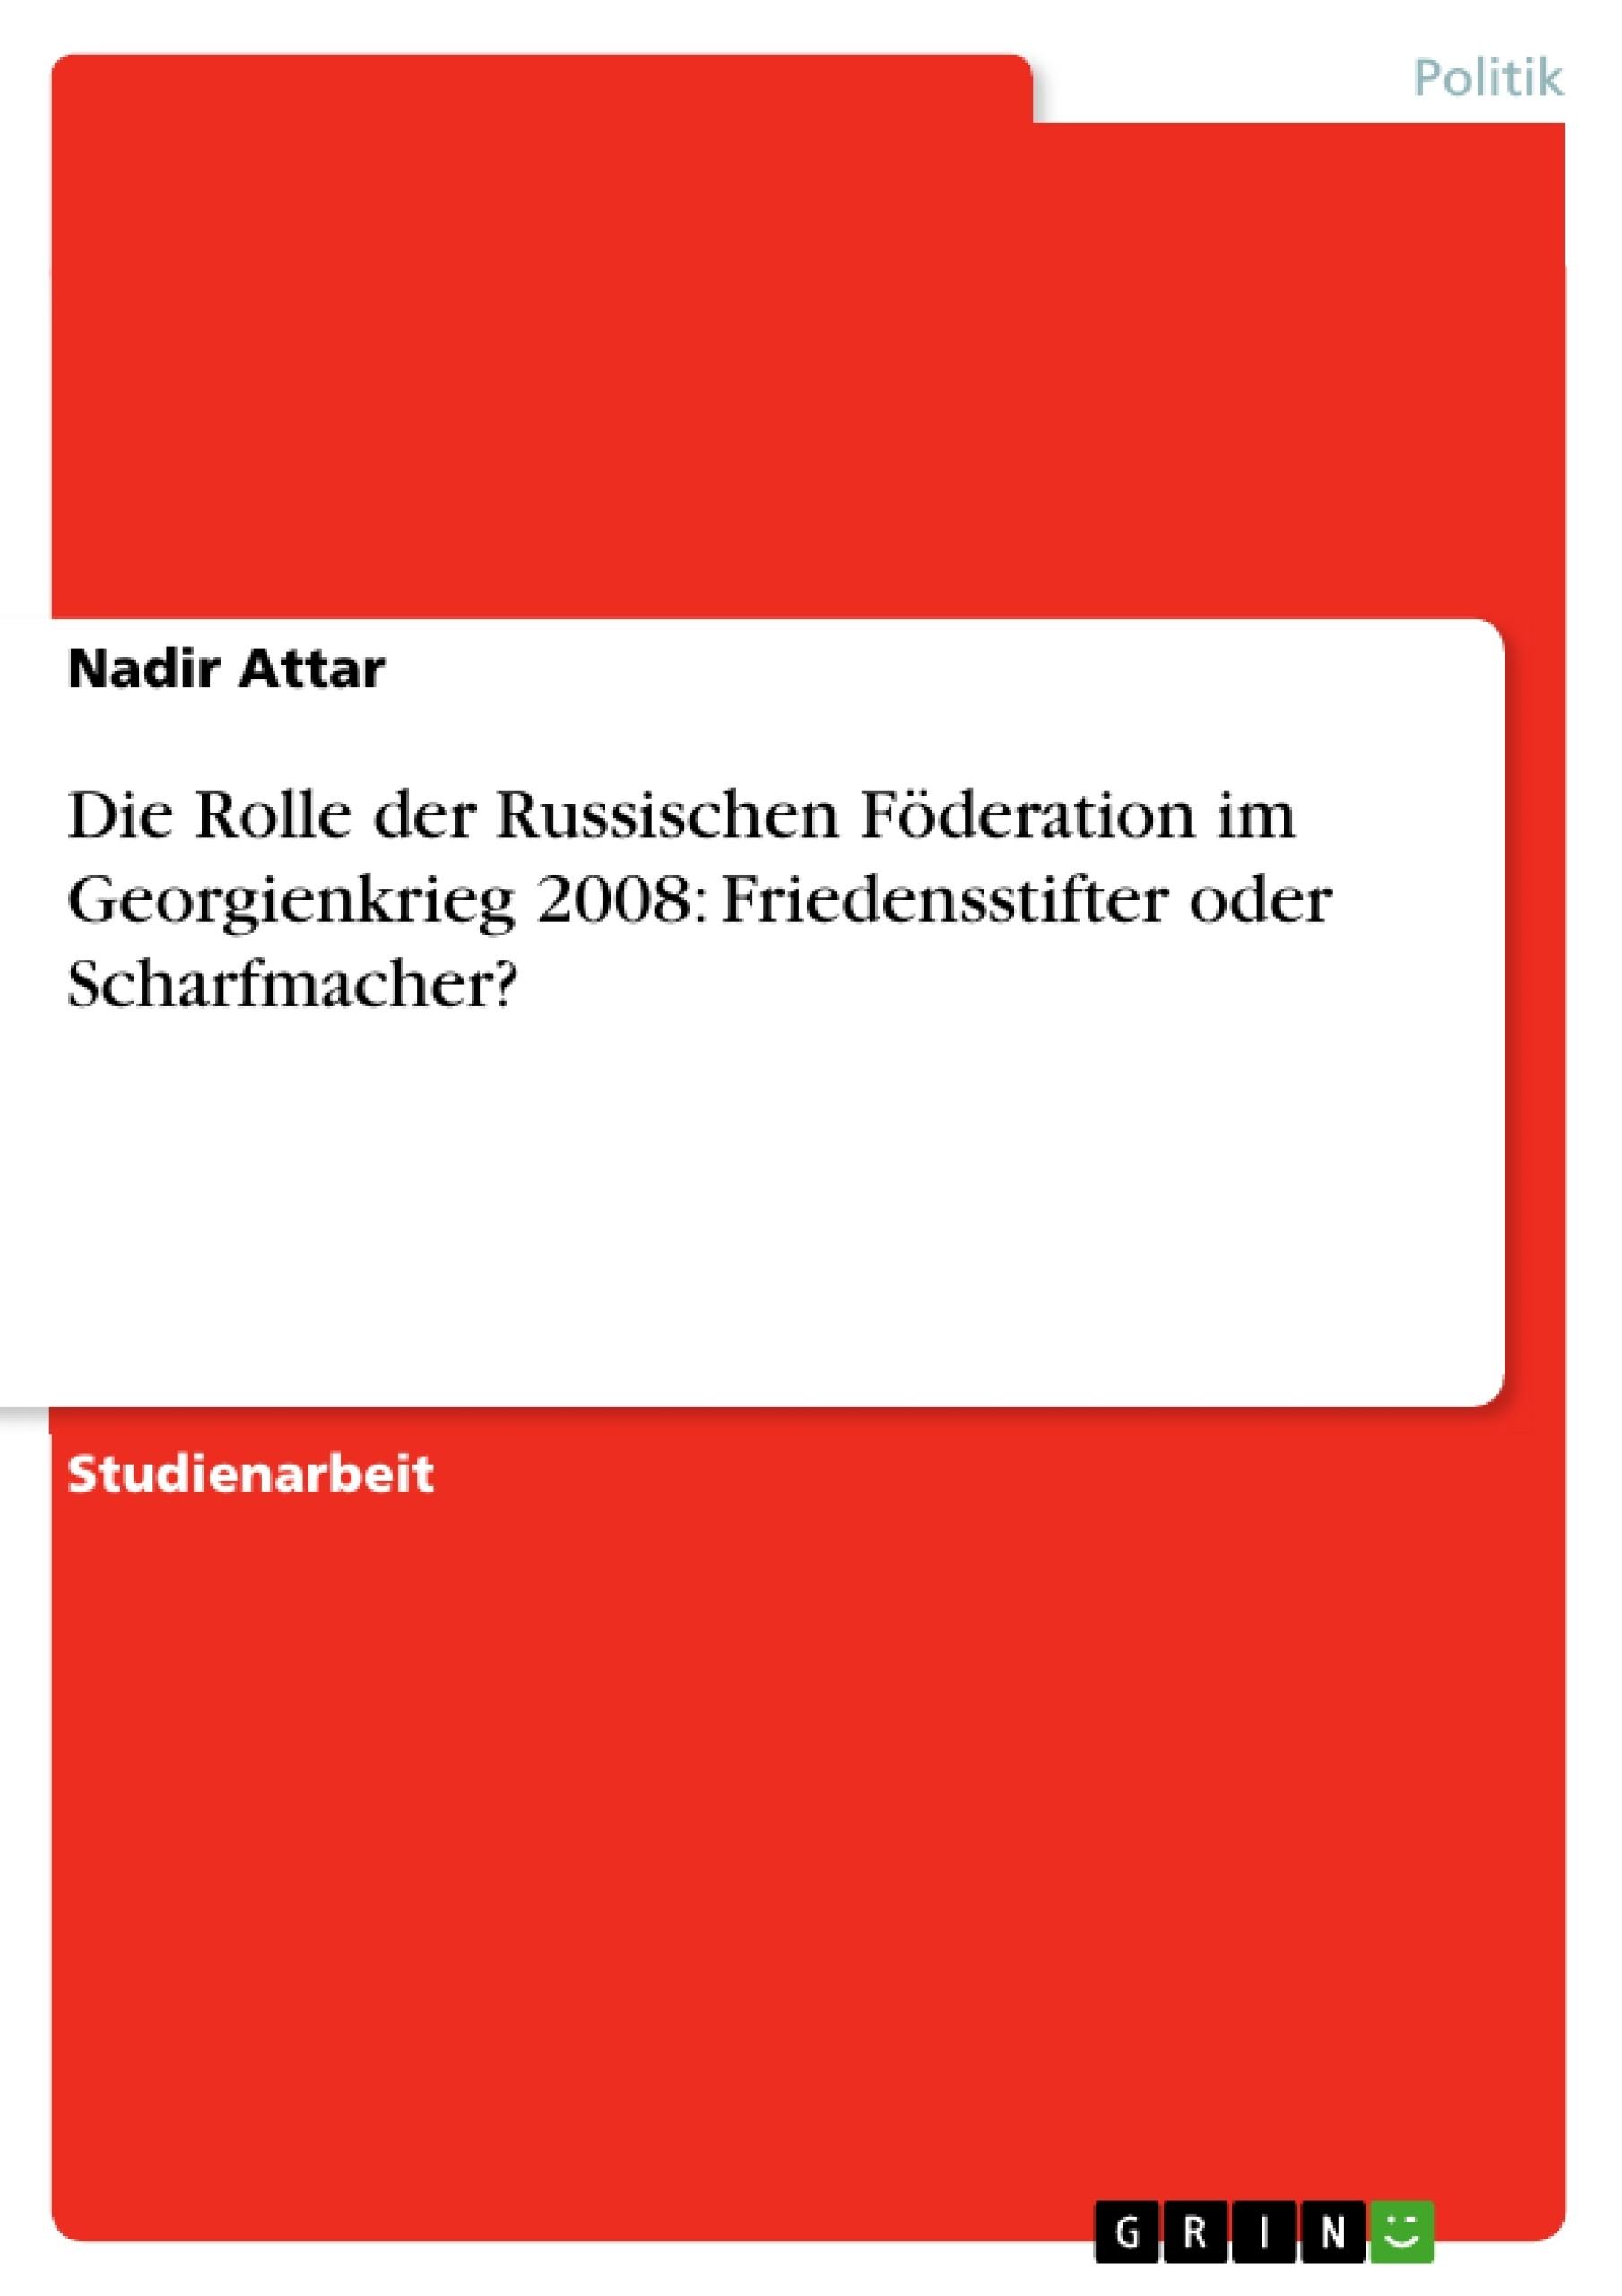 Titel: Die Rolle der Russischen Föderation im Georgienkrieg 2008: Friedensstifter oder Scharfmacher?